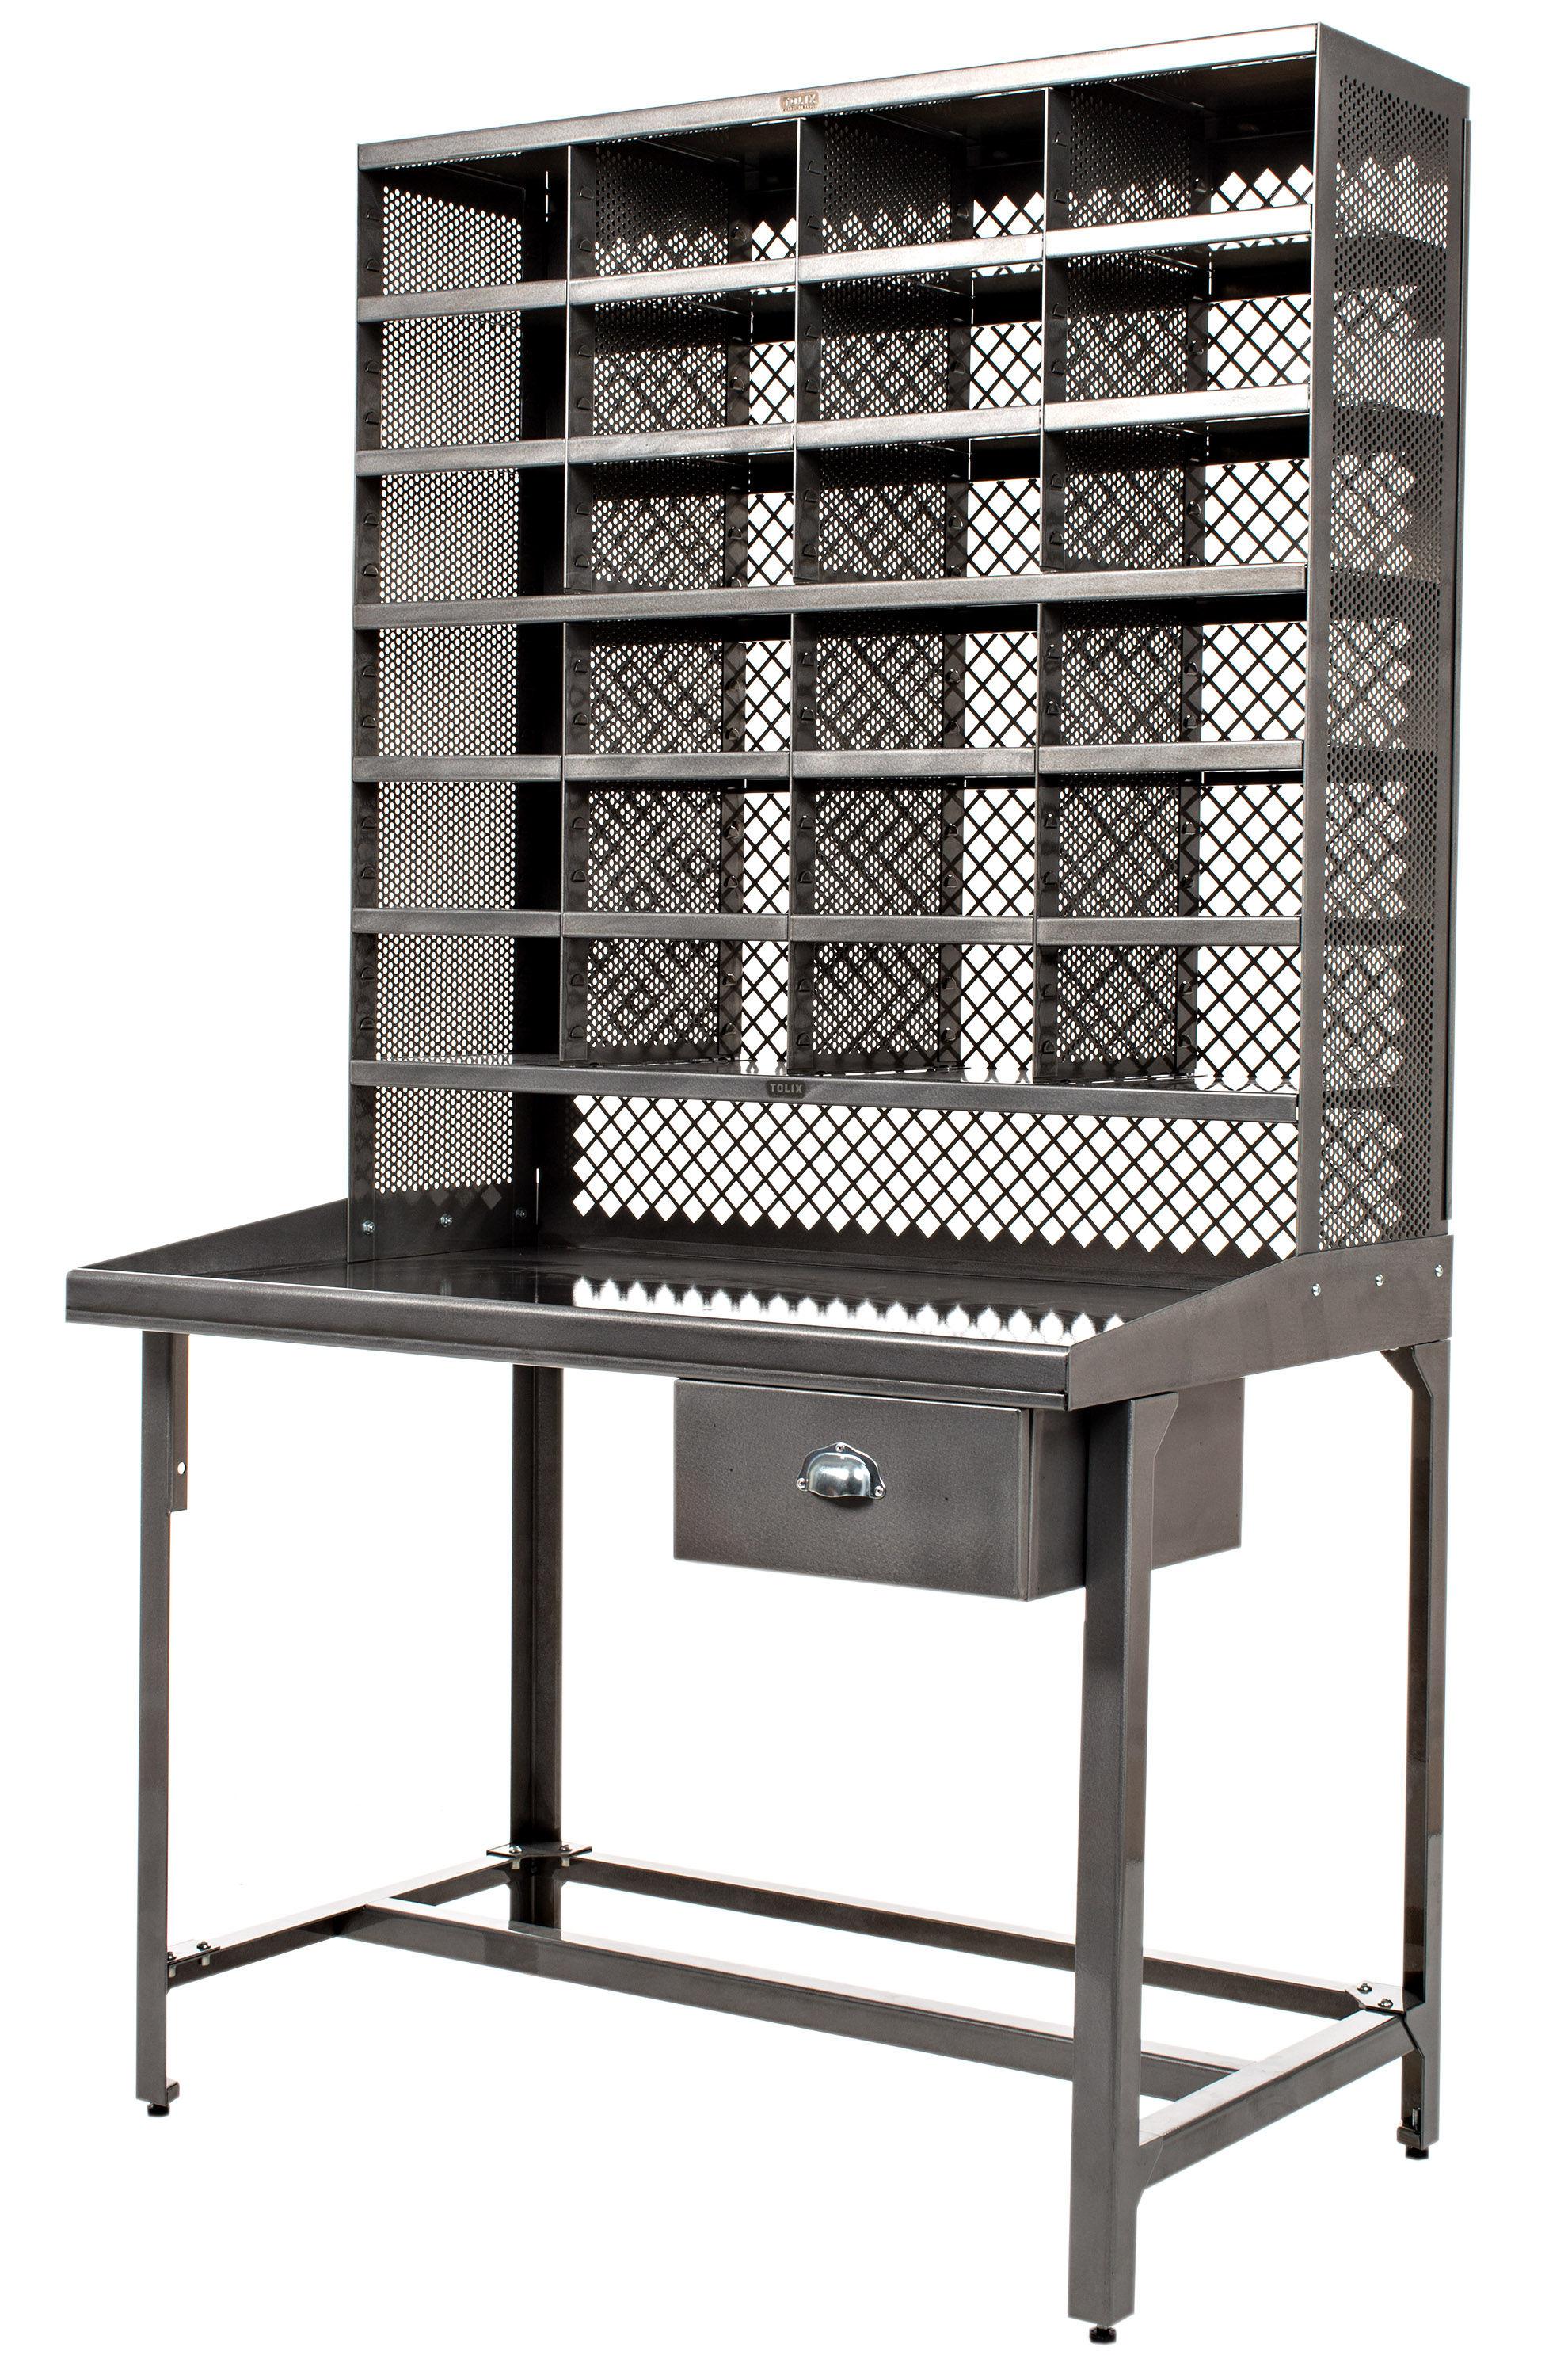 Bureau casier de tri meuble de rangement acier brut verni brillant tolix - Meuble a casier ...